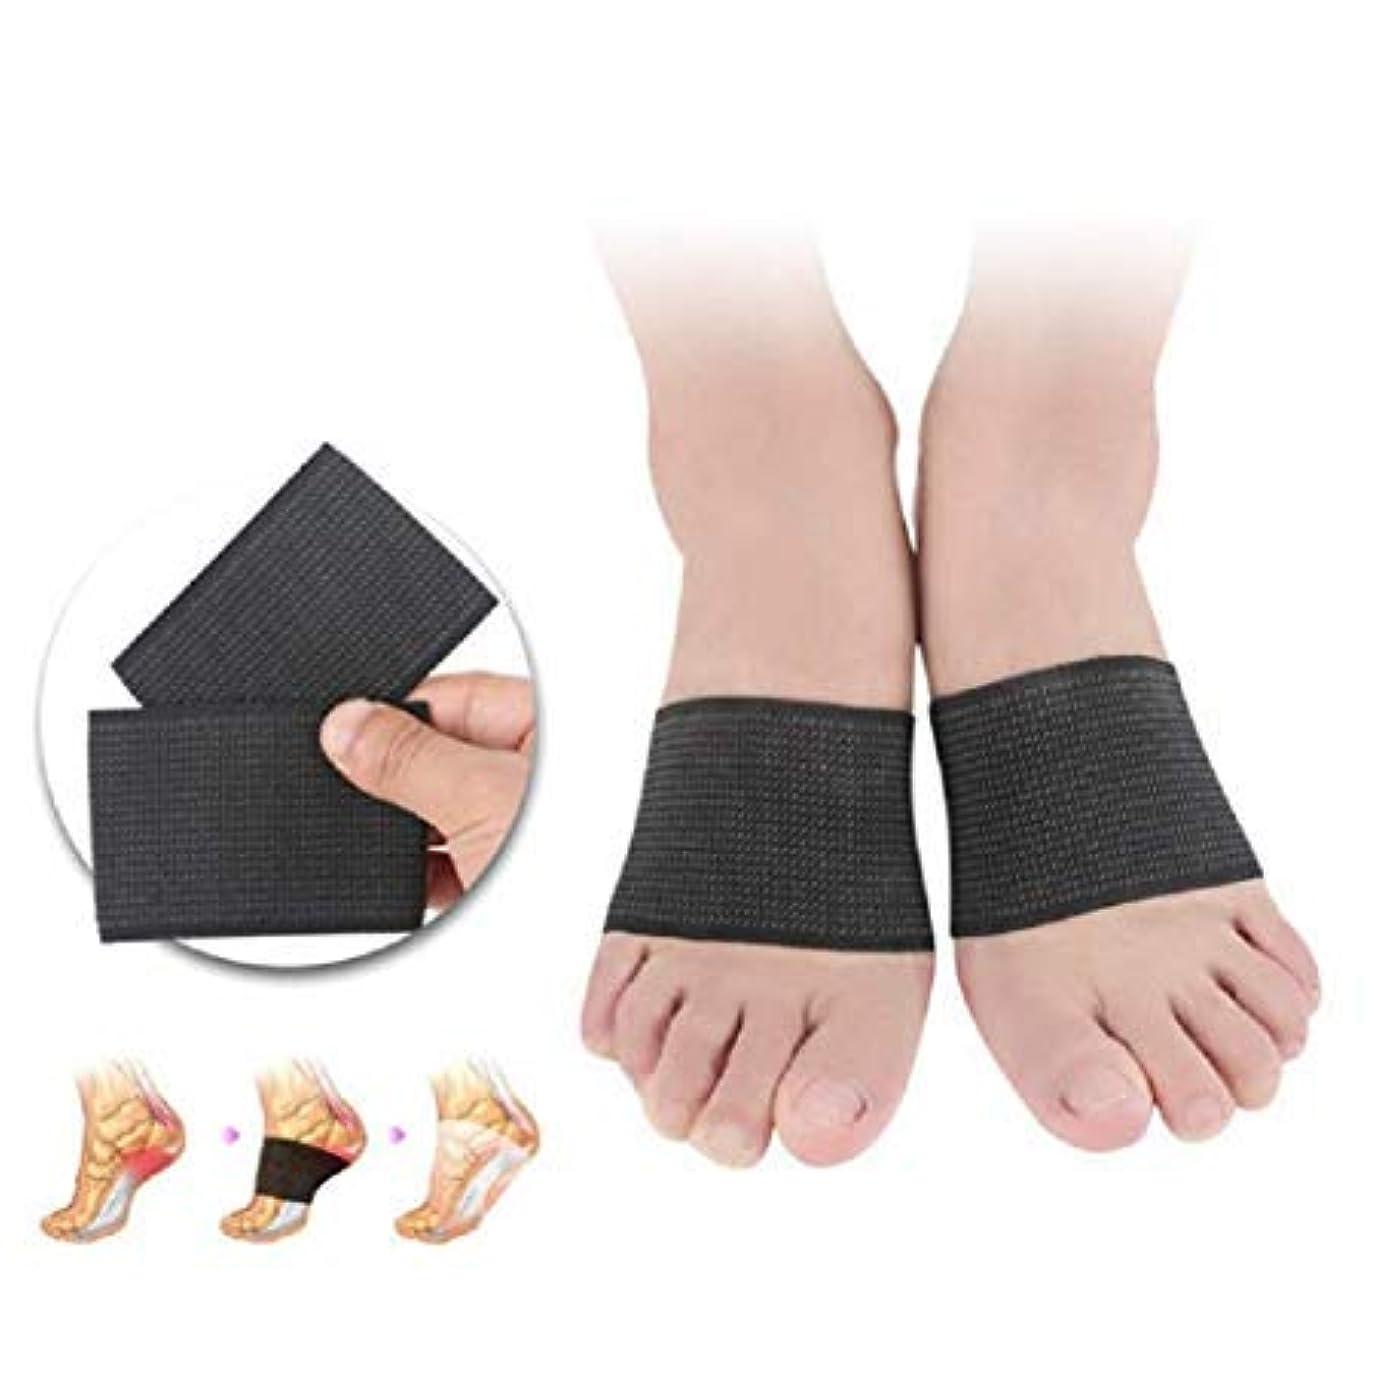 野心的したい長老1足/足のケアツール、足の筋膜炎のサポート足のケア、足の痛み、フラットボウサポート、足底筋膜炎のサポート、マッサージ整形外科用インソール